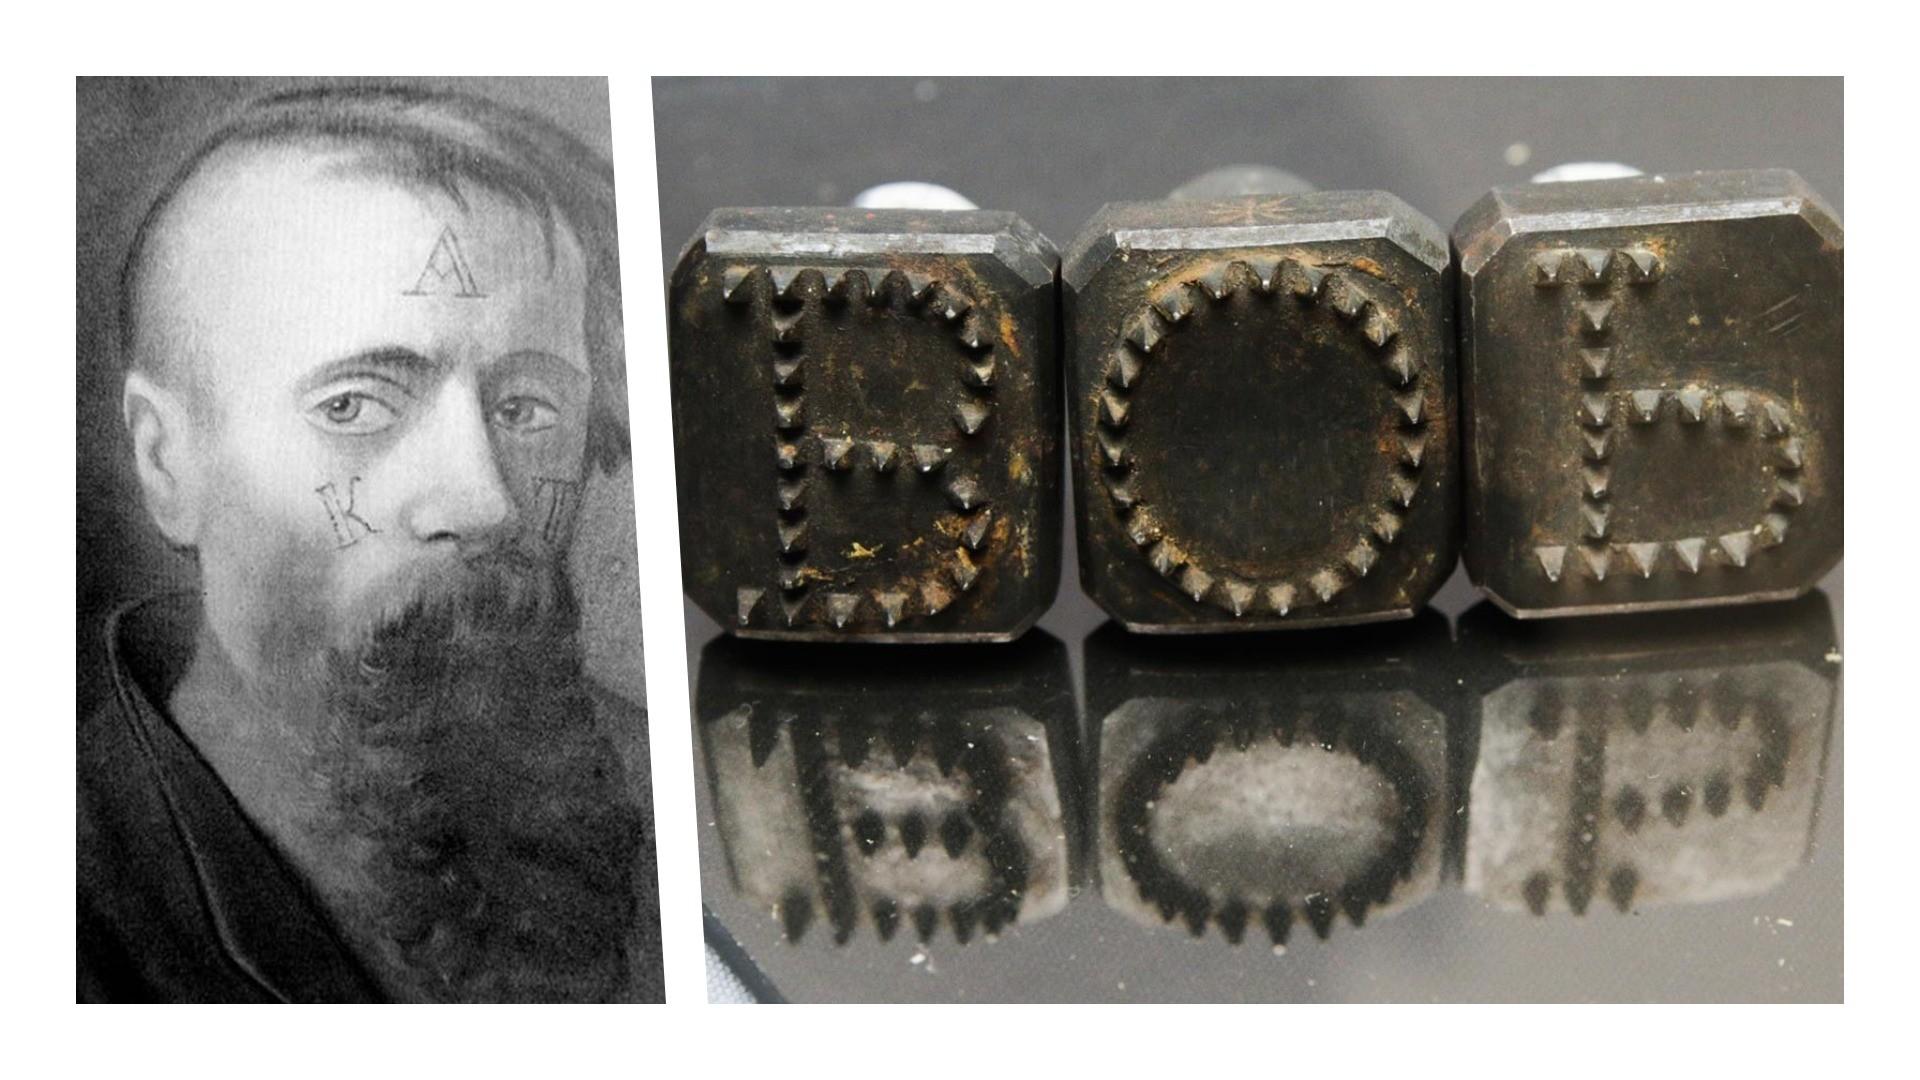 罪人の額に行った烙印、19世紀初め